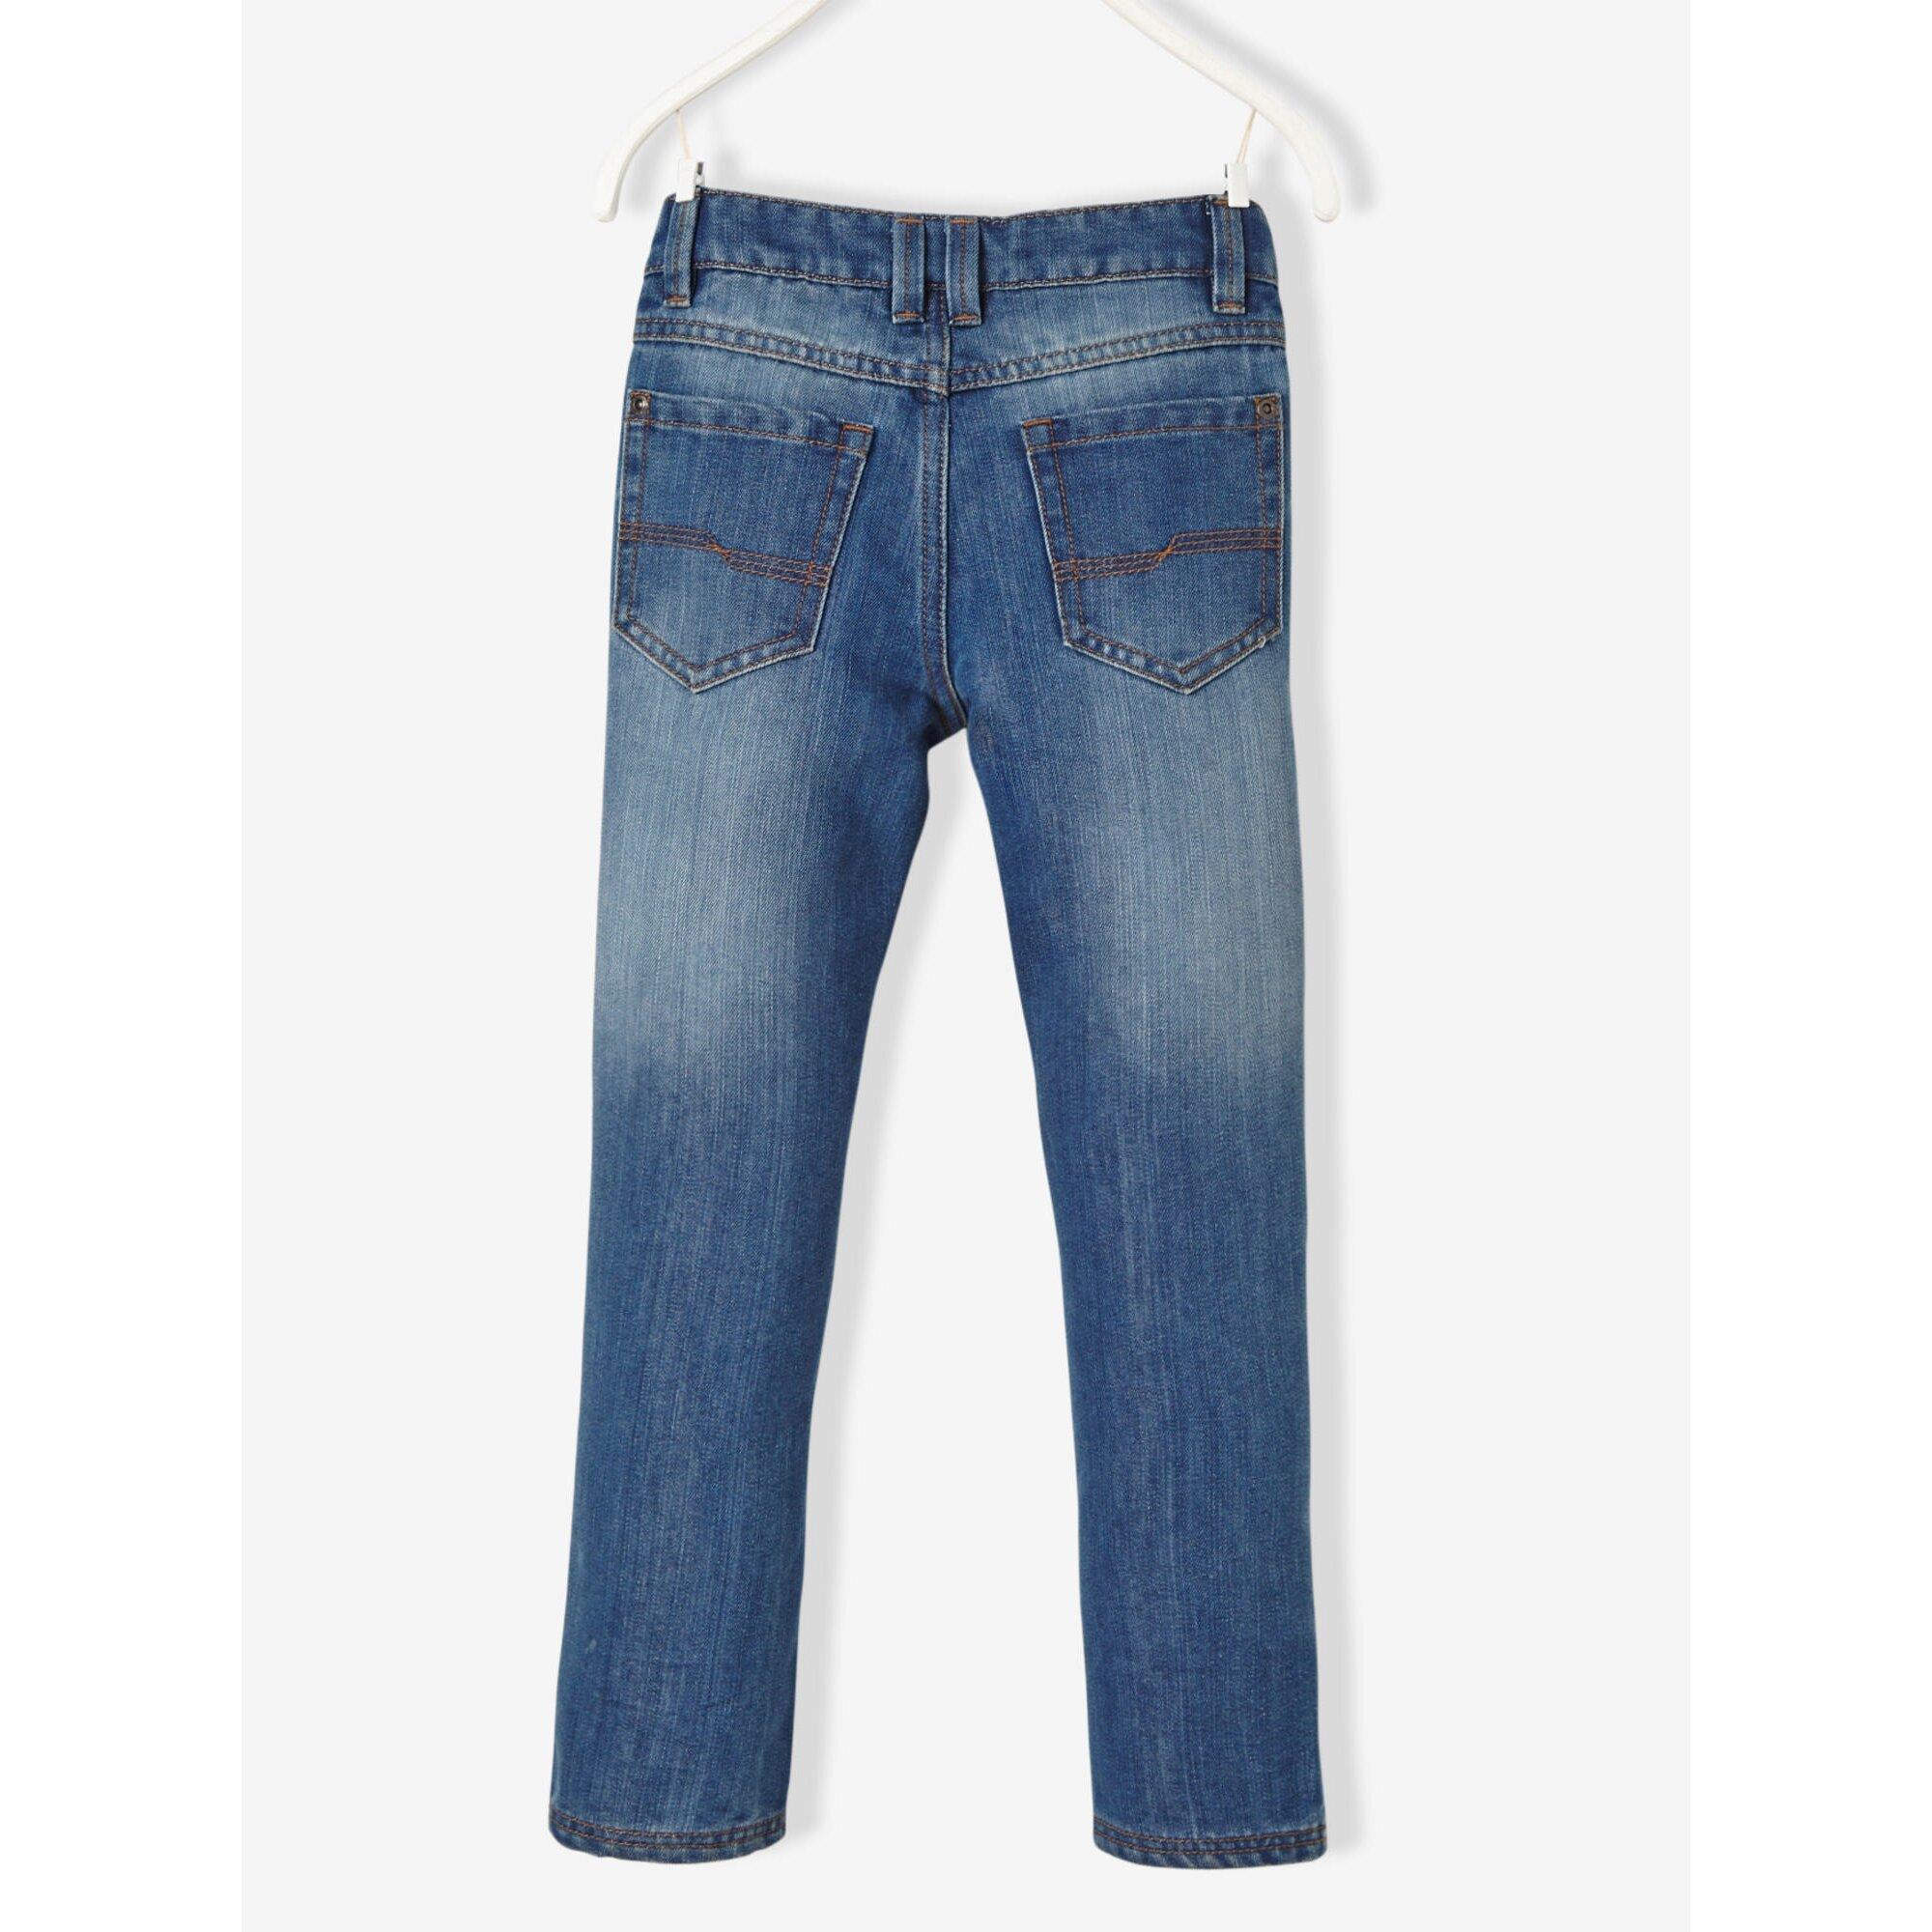 vertbaudet-straight-fit-jeans-fur-jungen-viele-taschen, 18.99 EUR @ babywalz-de